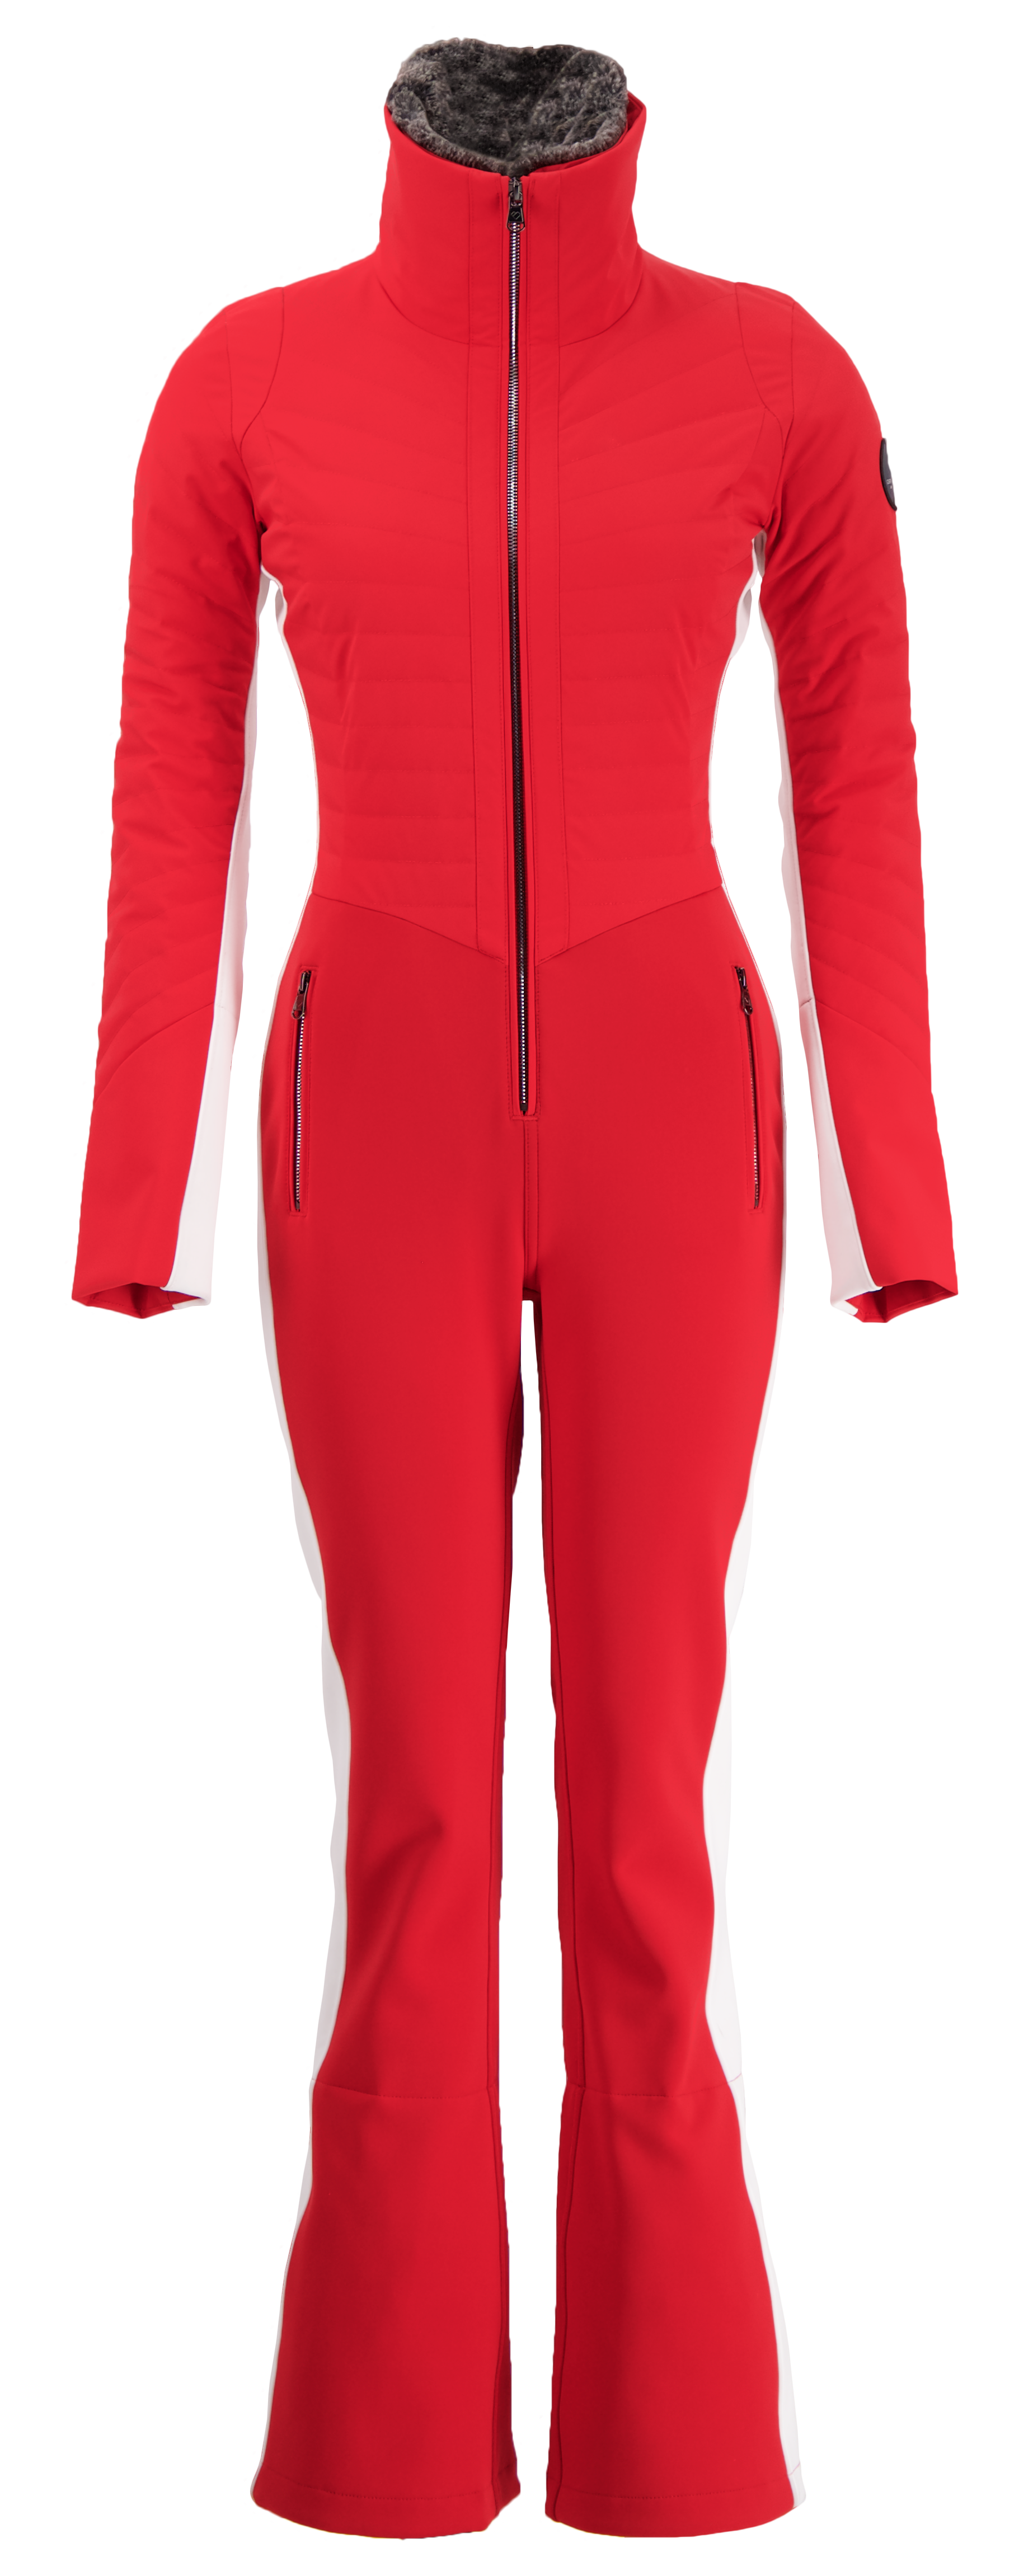 Rossi 7 Ski